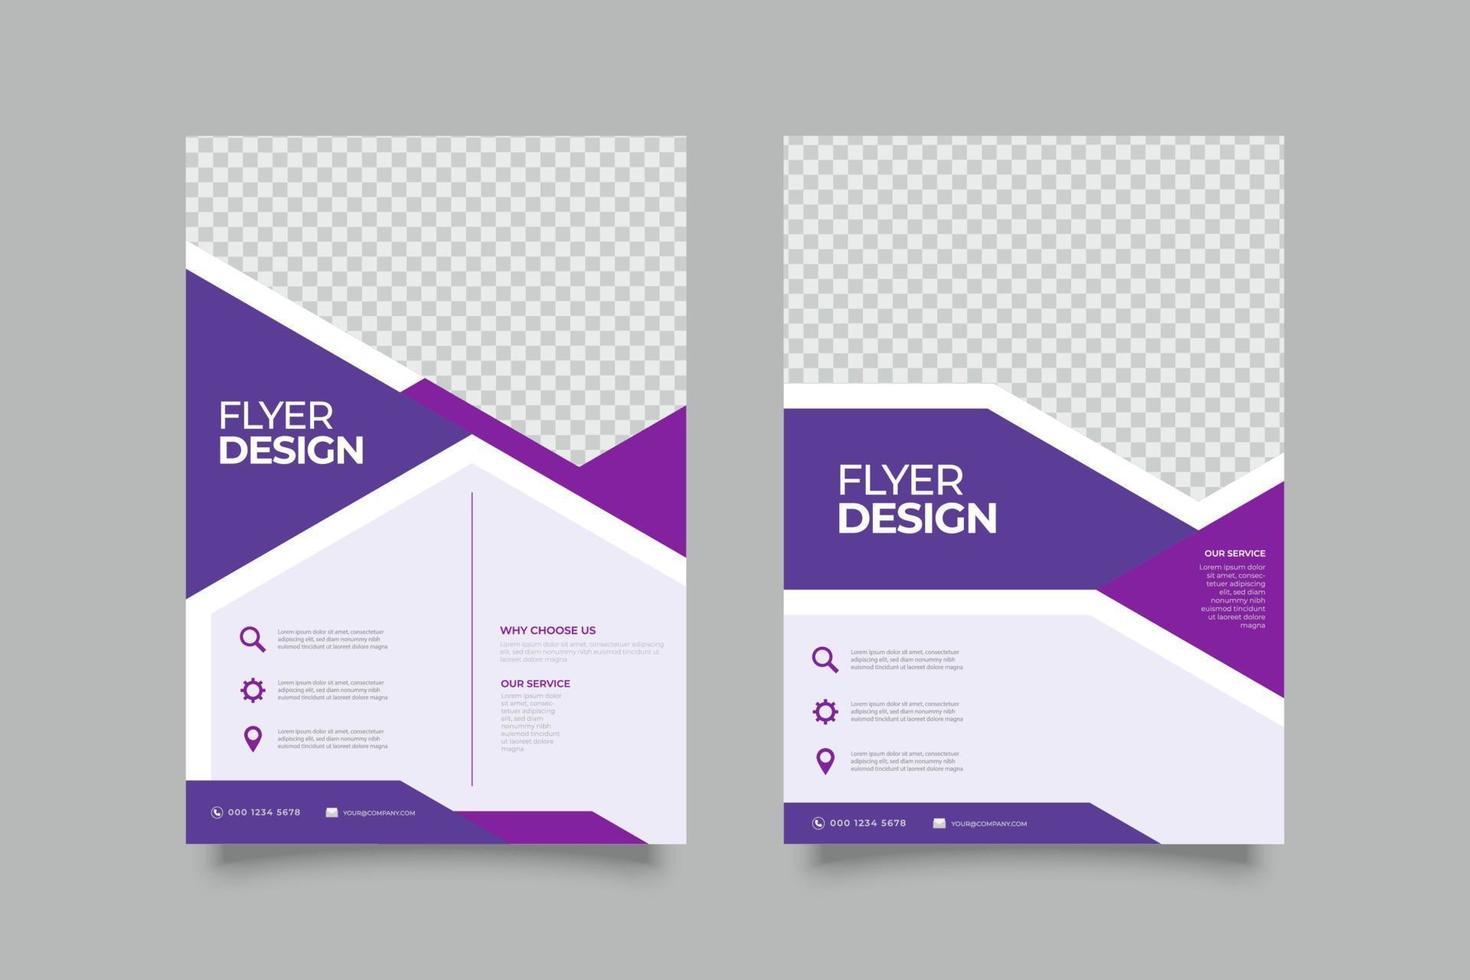 conception de modèle de flyer dégradé violet avec des formes abstraites vecteur